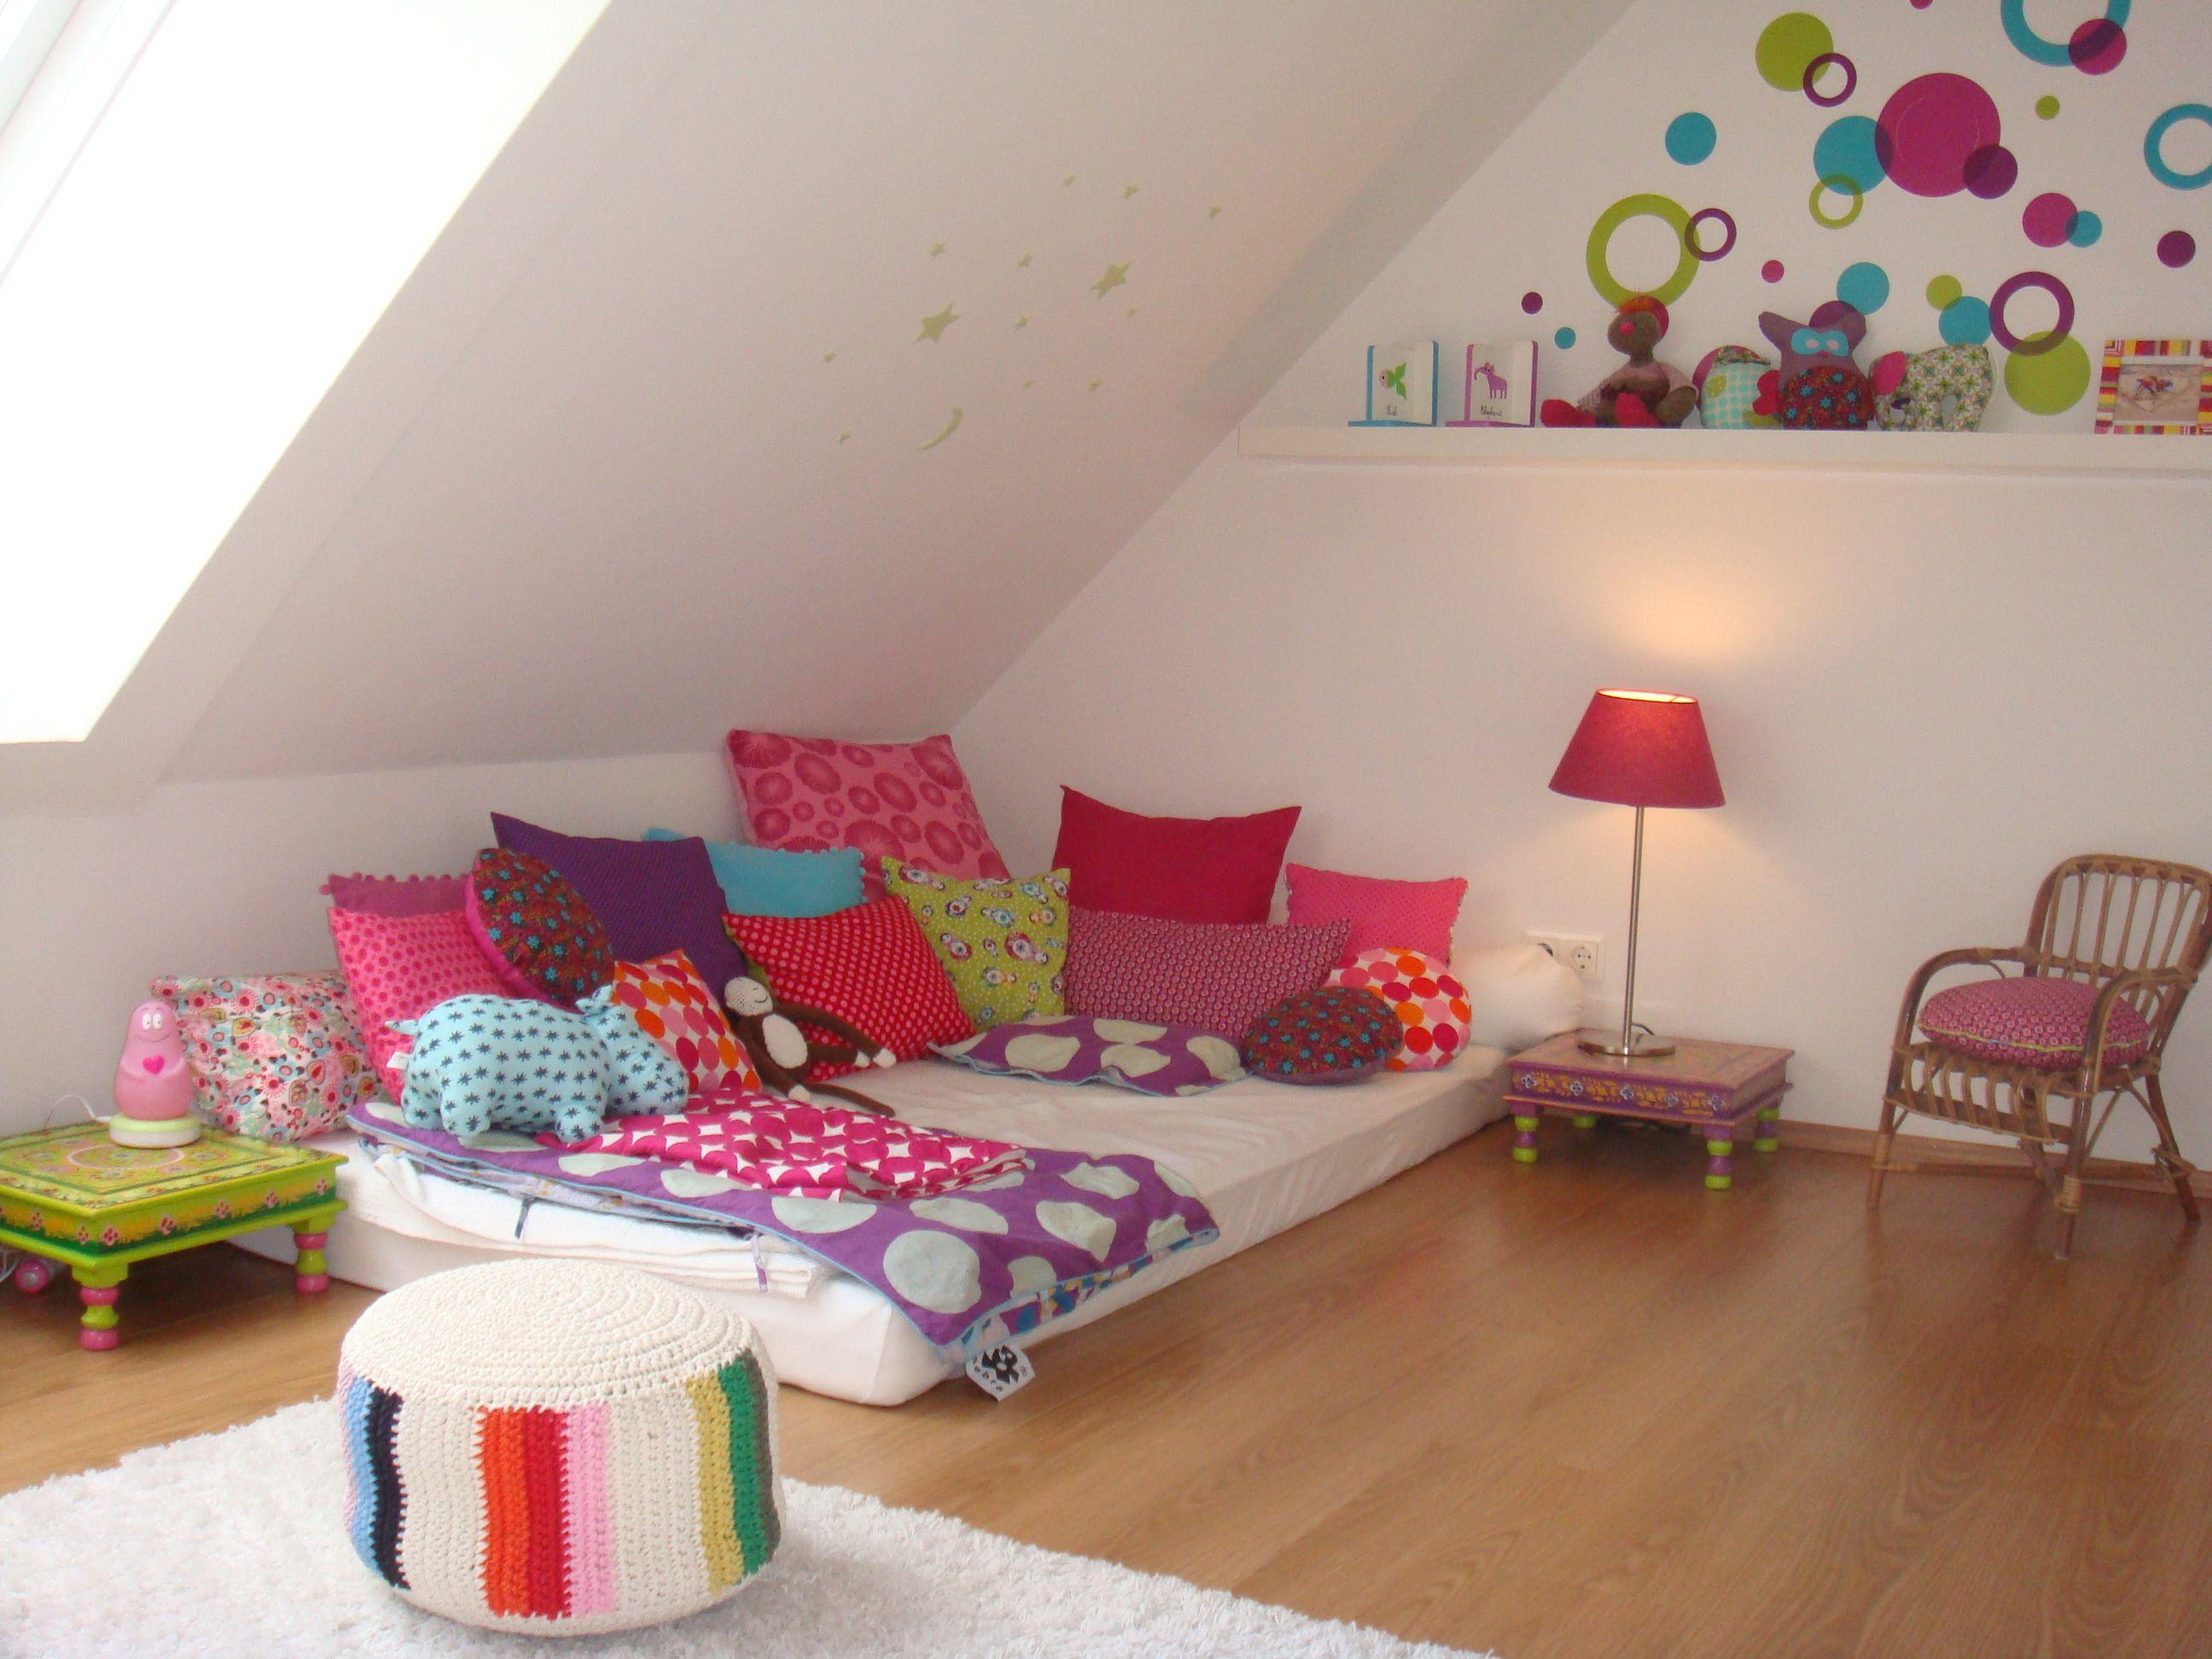 Kuschelecke Fur Gross Und Klein Baby Room Decor Girl Room Room Decor